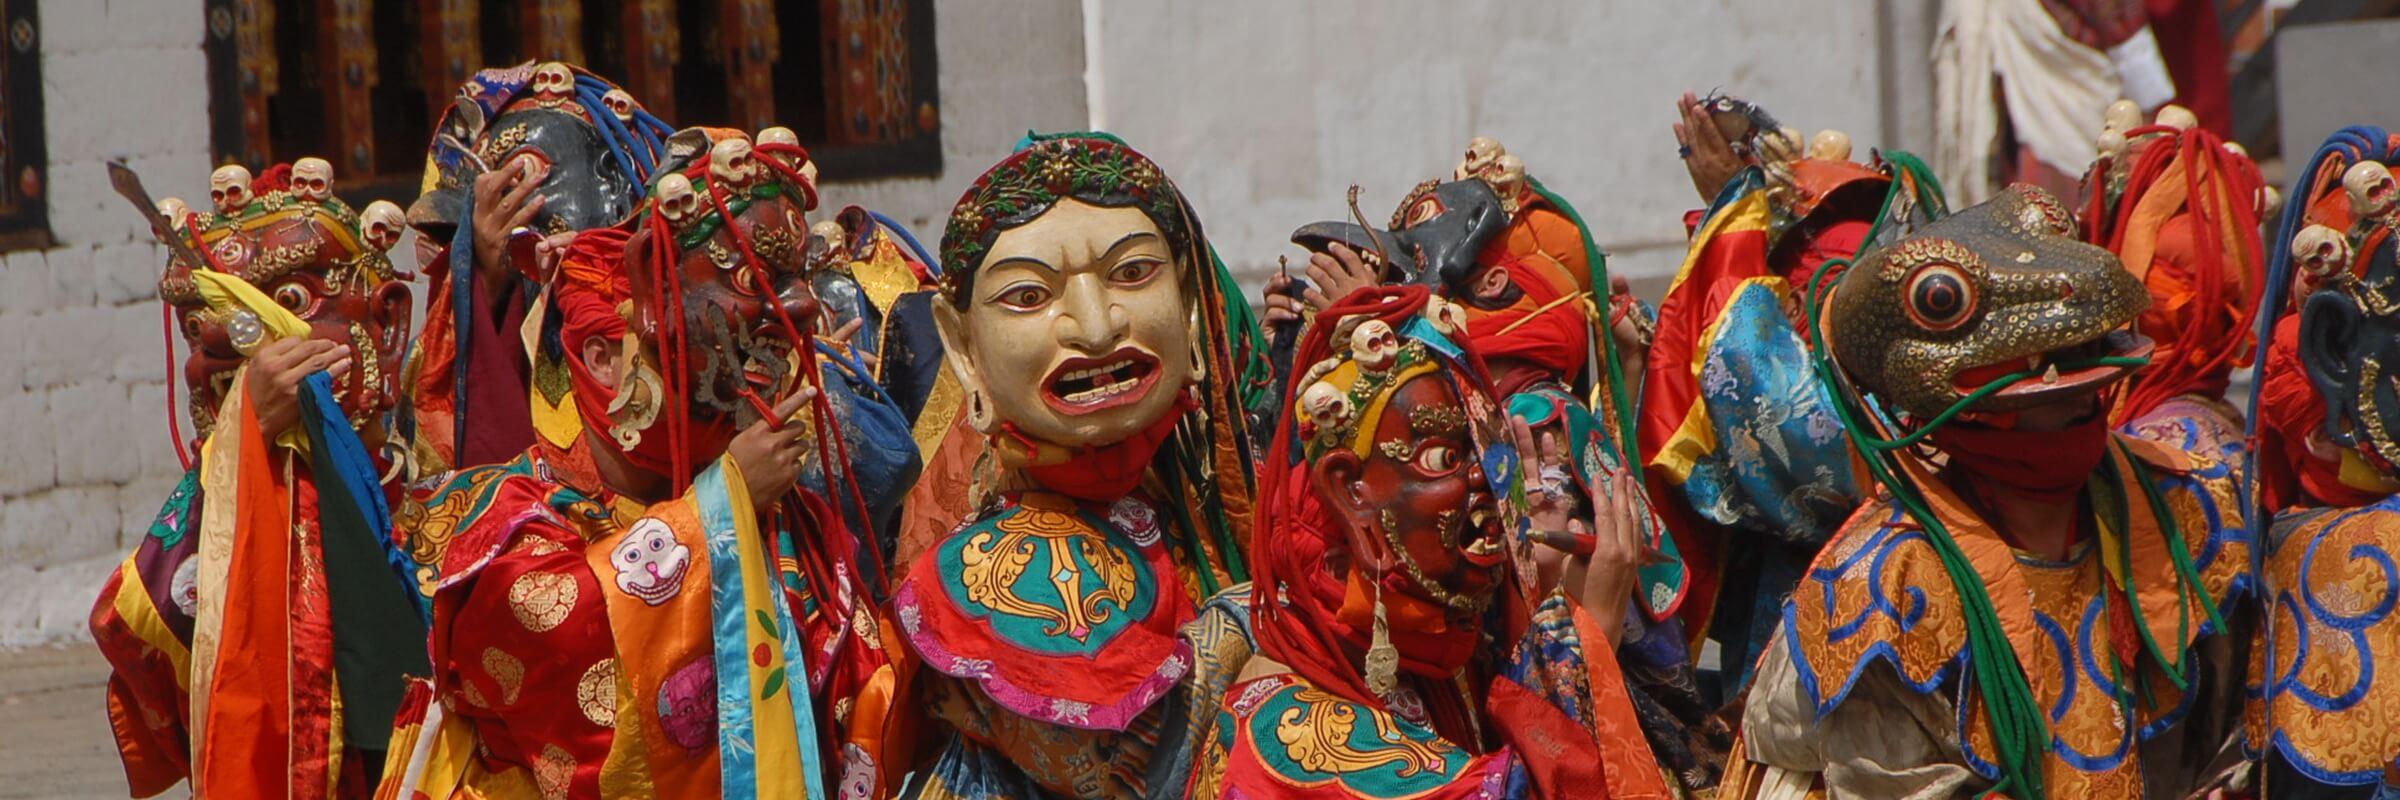 Maskentänzer mit traditionellen Gewändern und Masken bei der Darstellung eines spirituellen buthanesischen Tanzes.